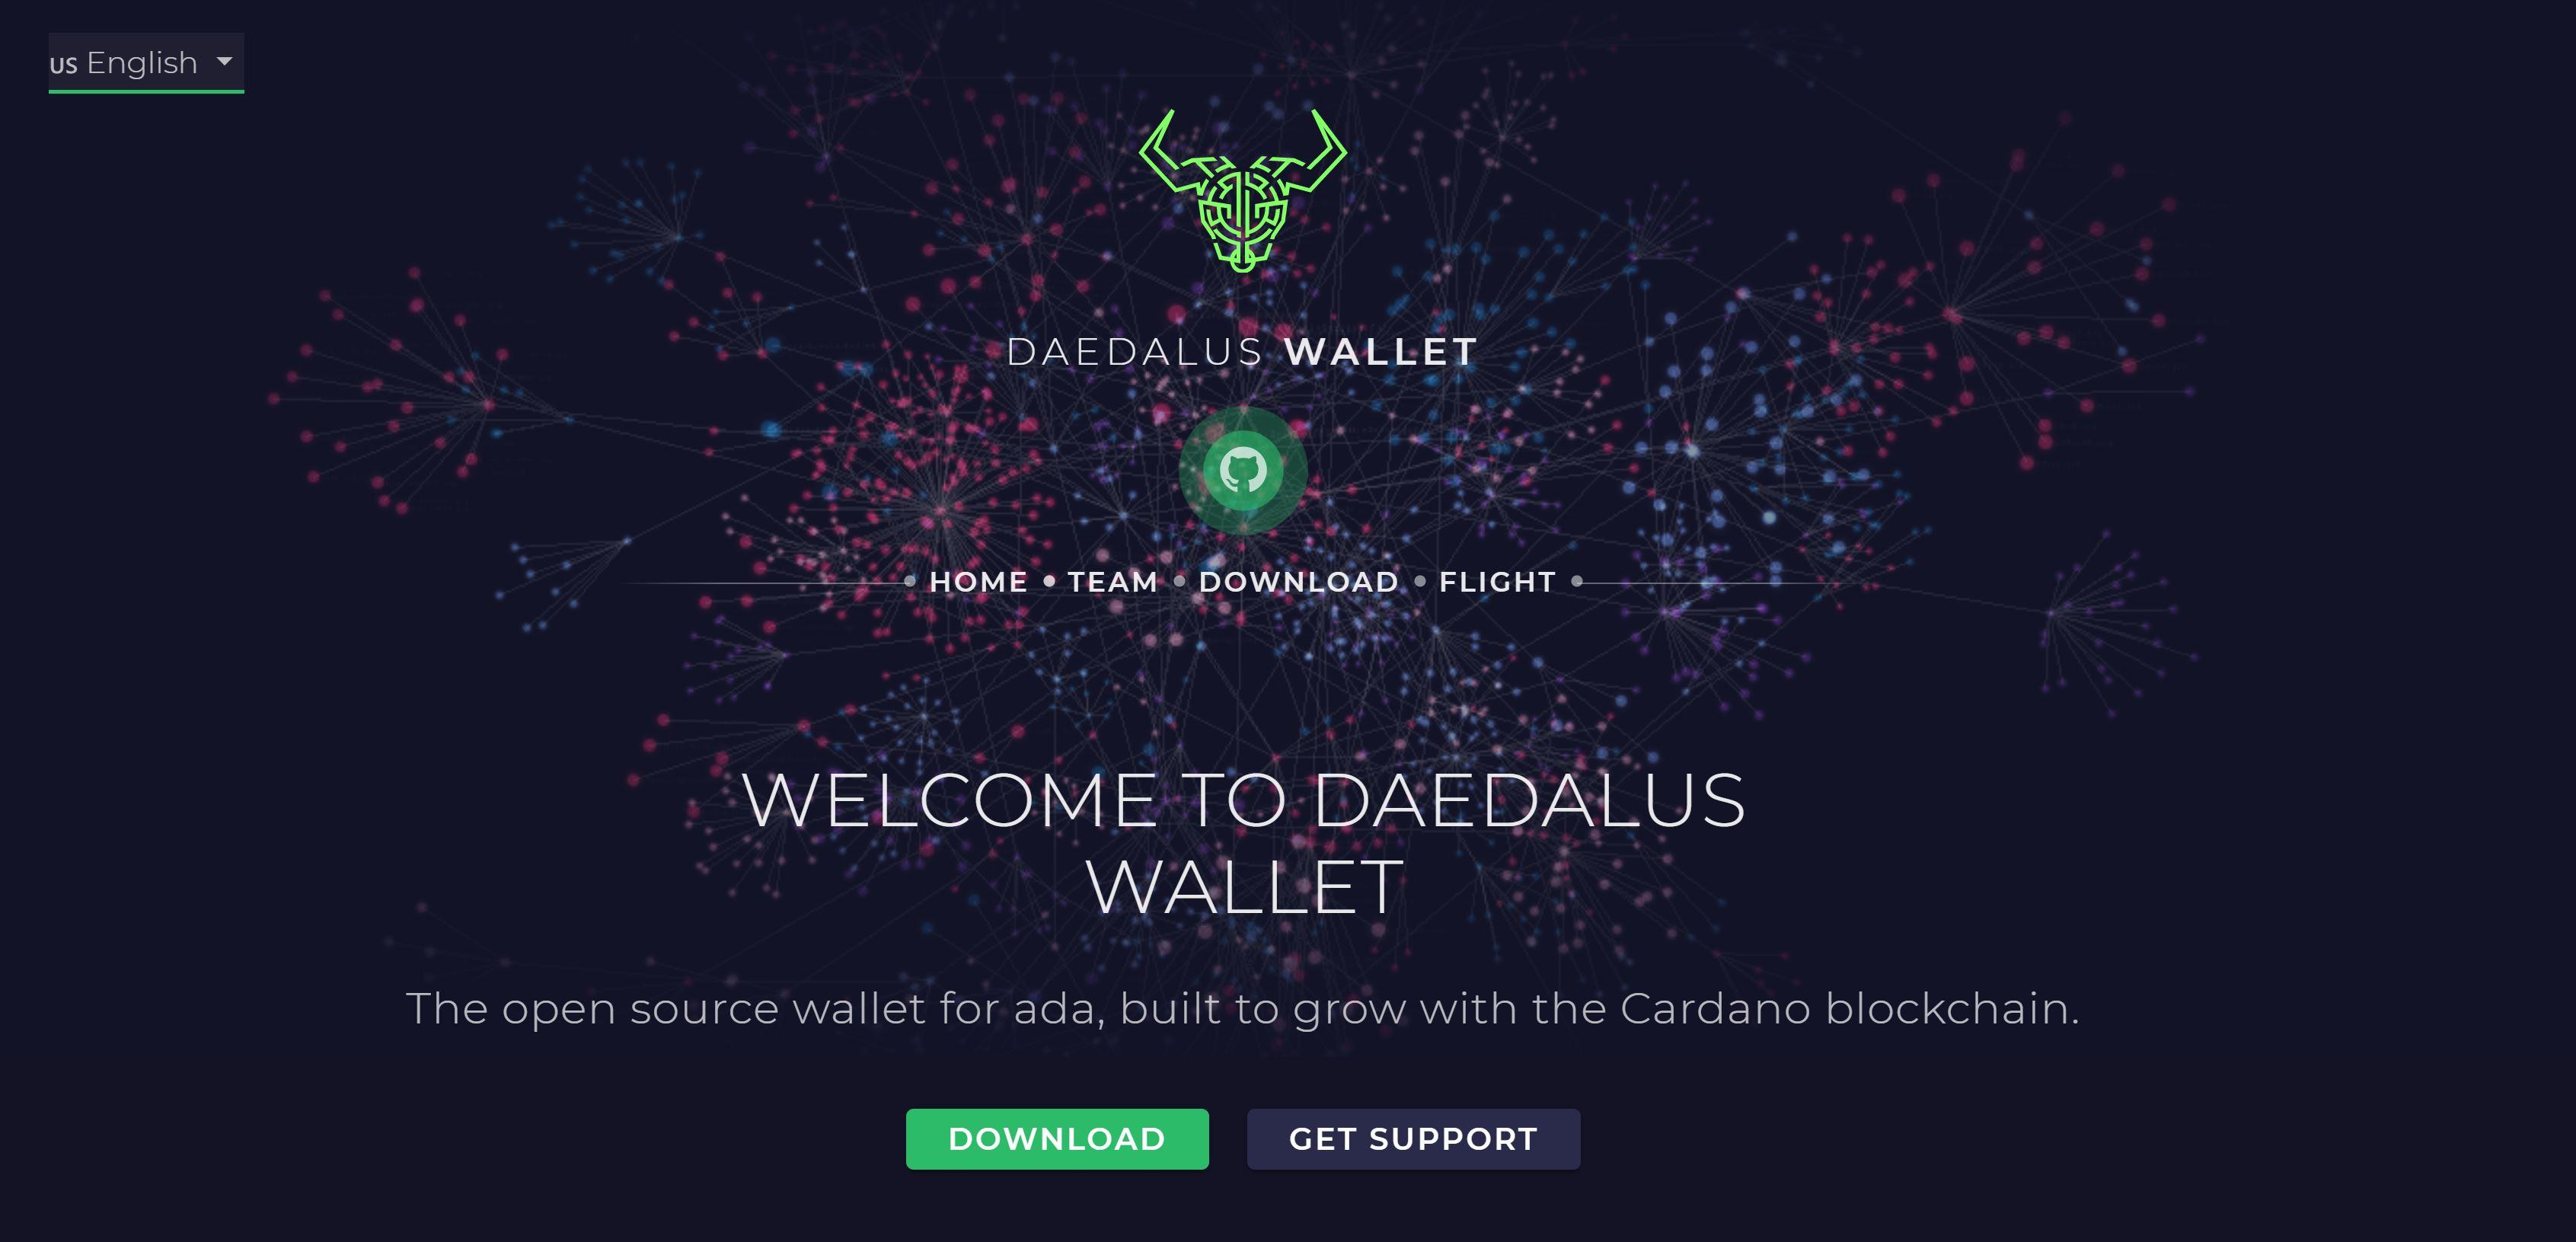 Sitio web de Daedalus Wallet